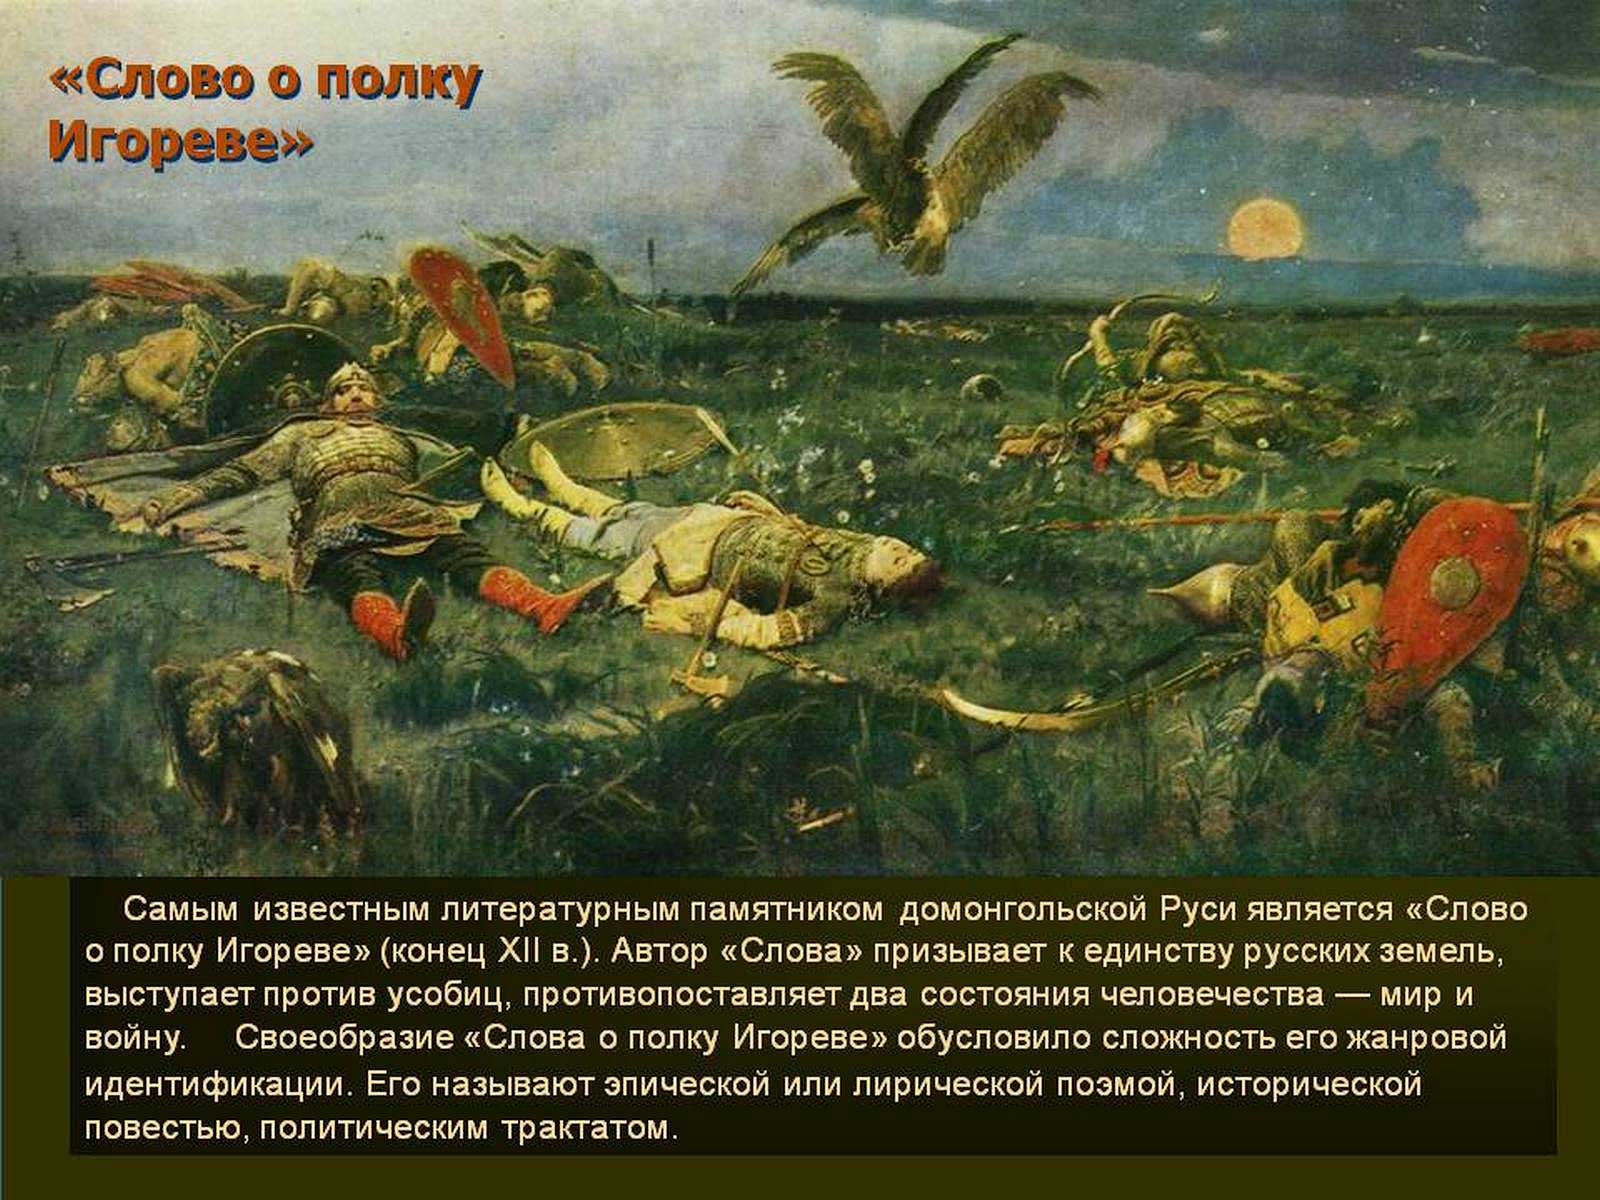 Слово о полку Игореве - 4